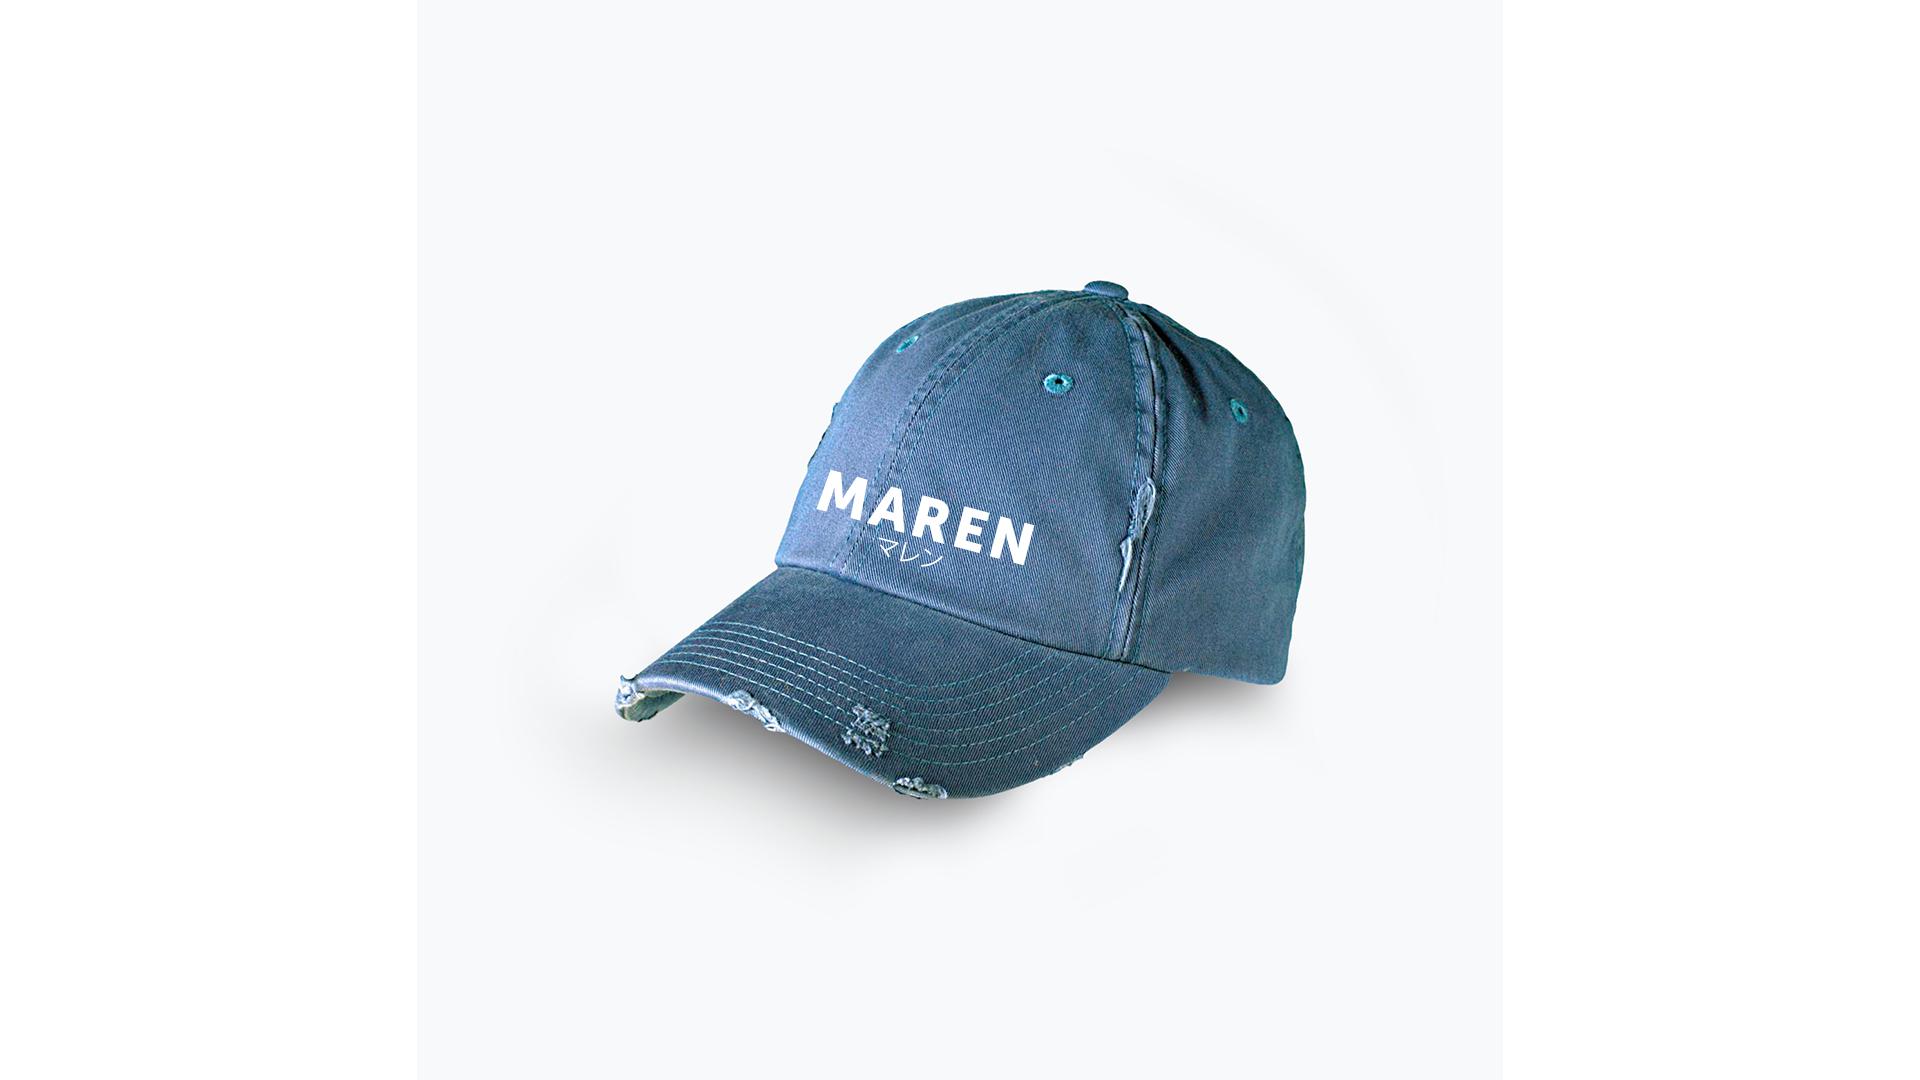 MarenJeanHat.jpg